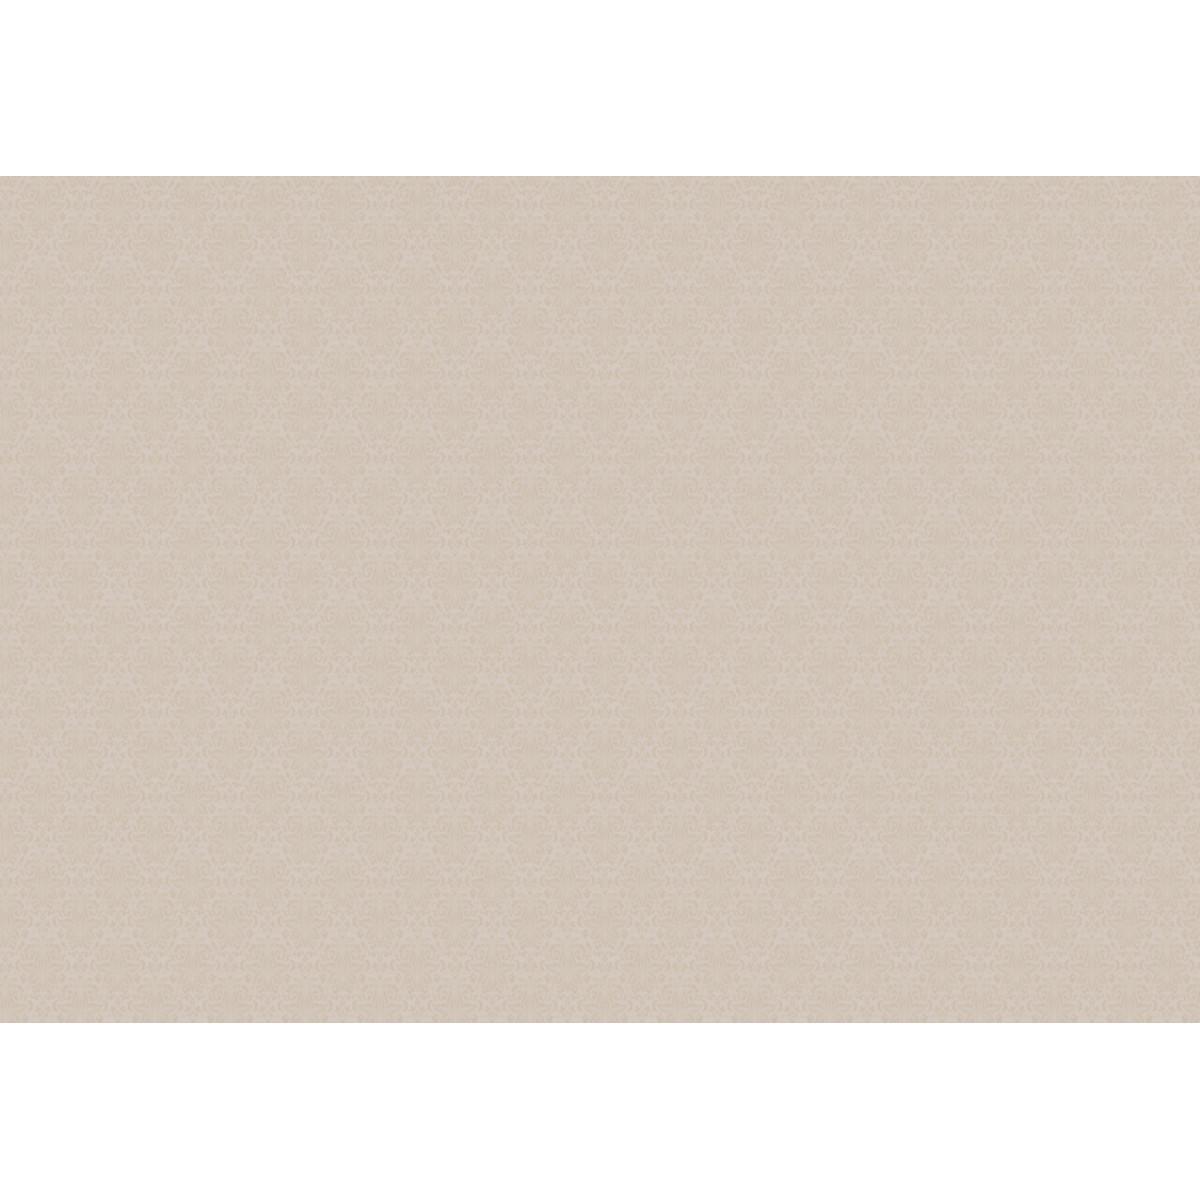 Обои флизелиновые Erismann Impression бежевые 3639-4 1.06 м